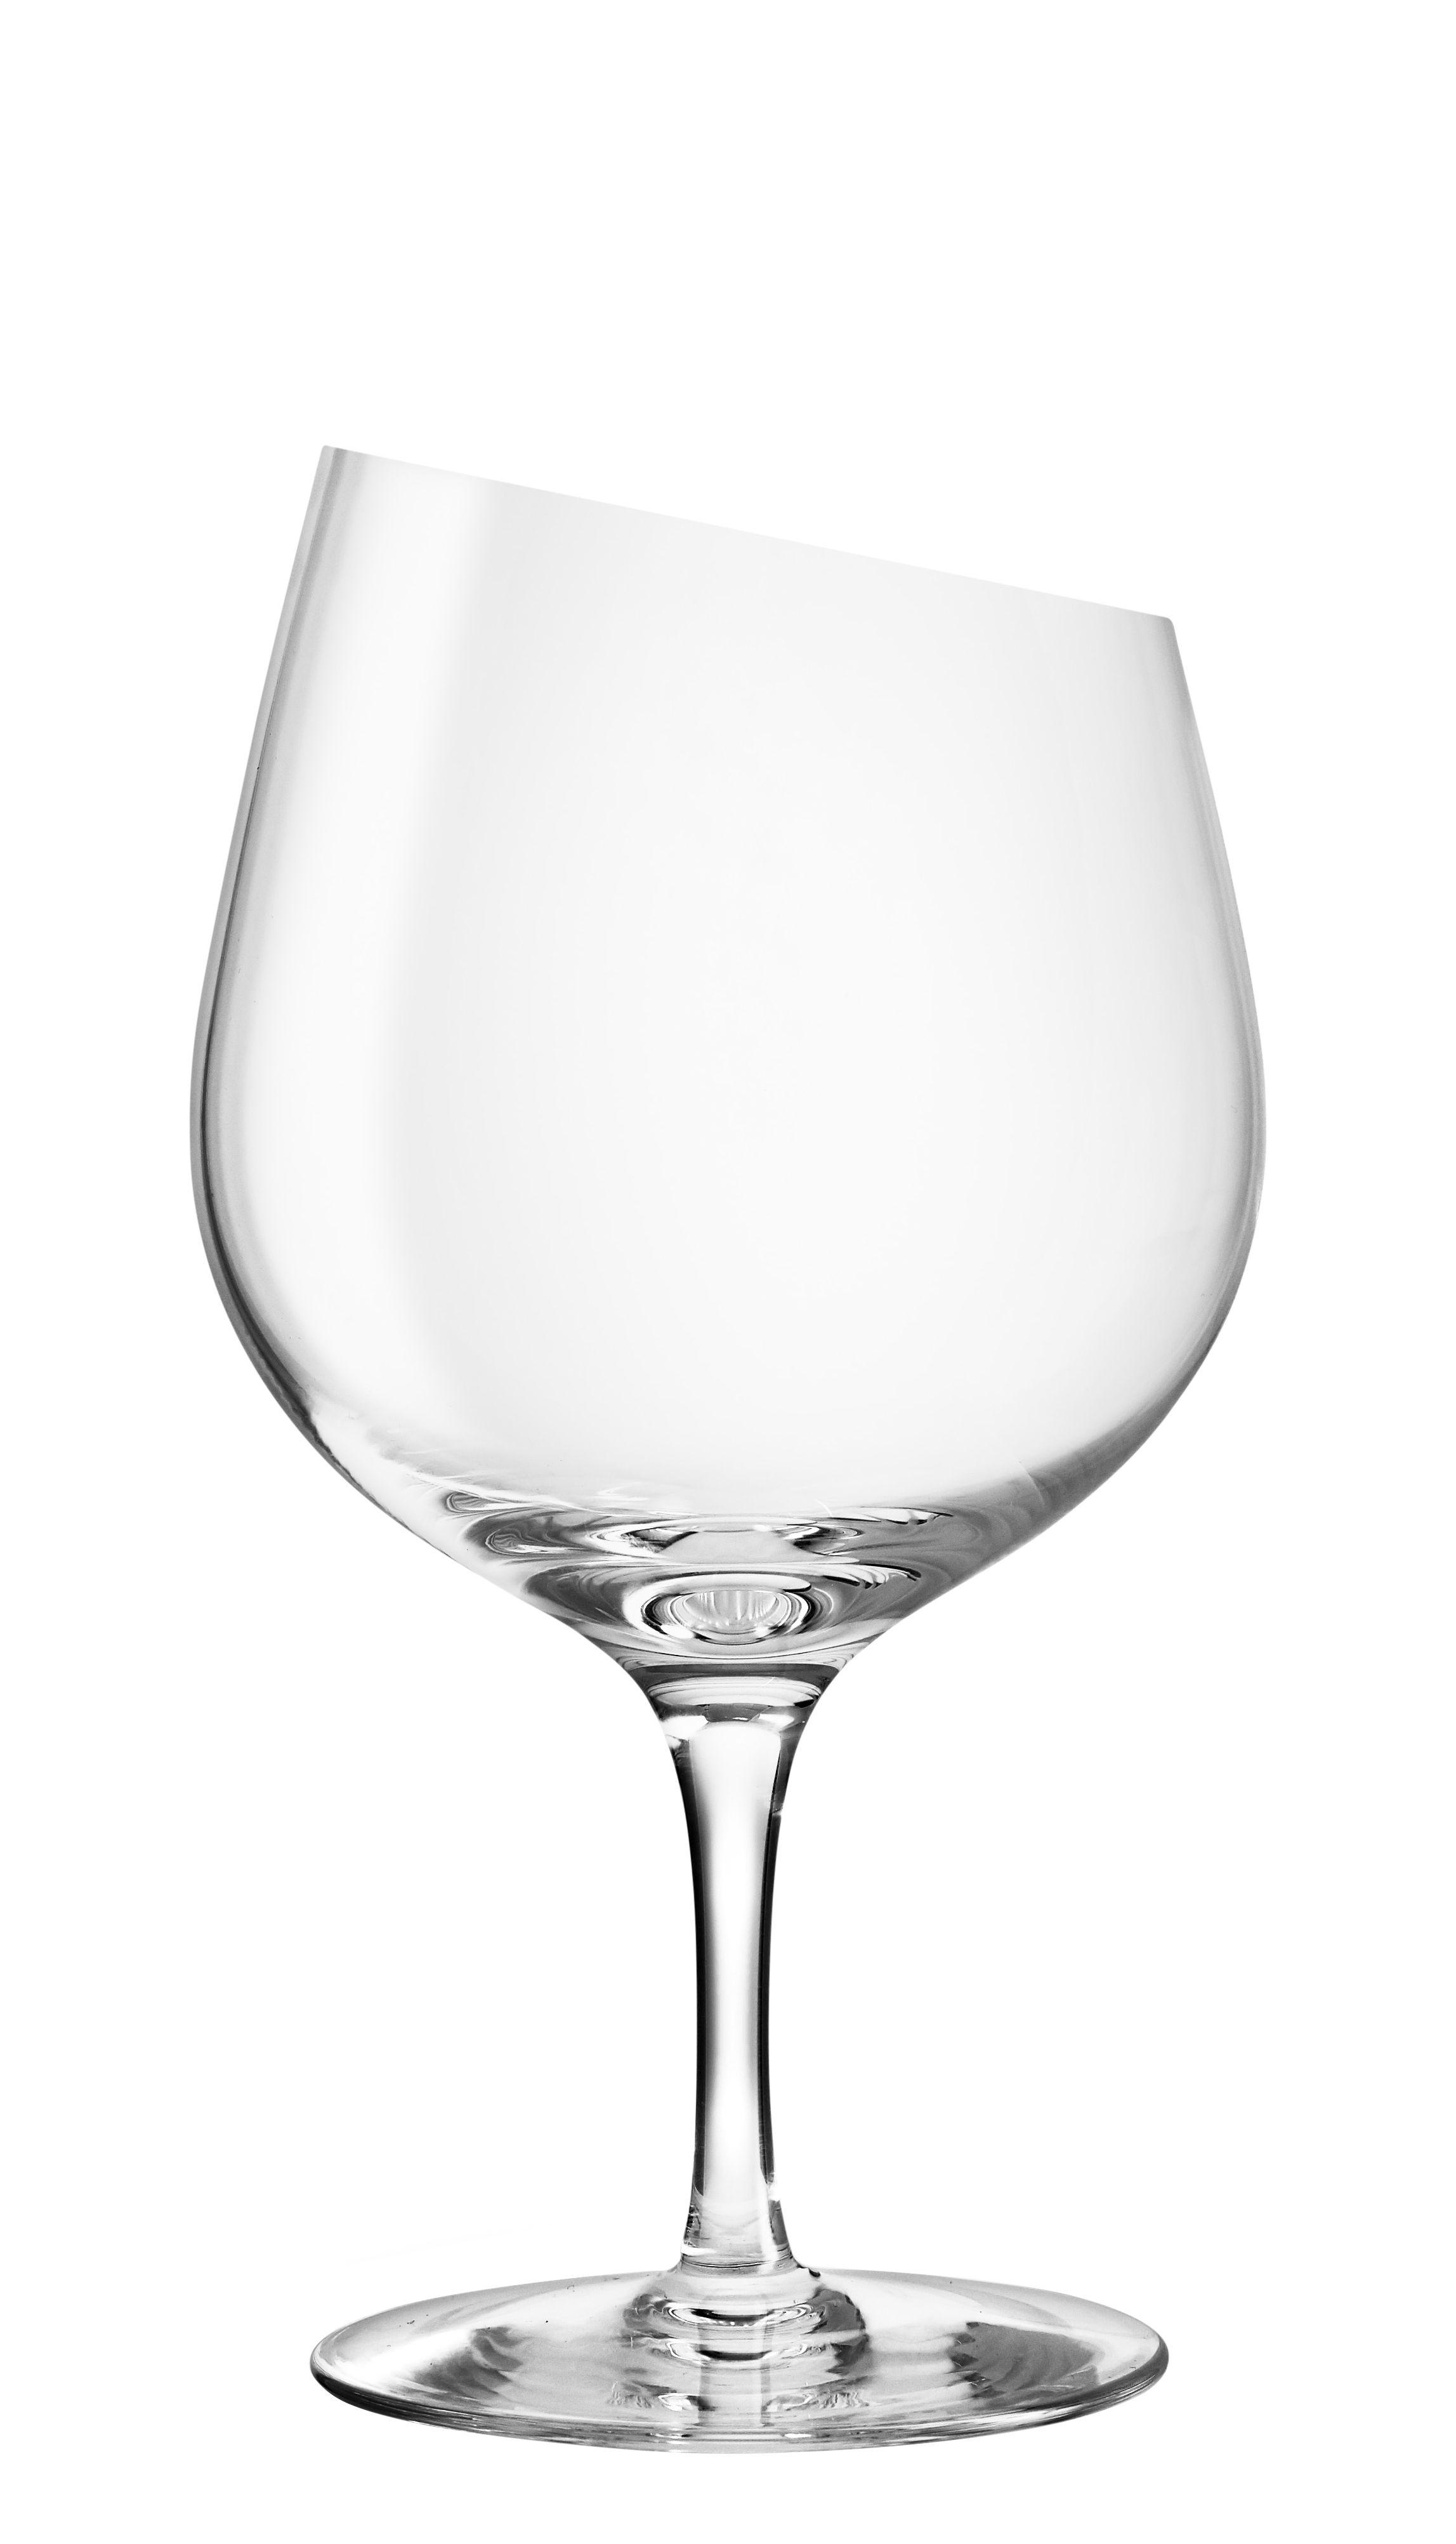 Arts de la table - Verres  - Verre à dégustation Gin / Pour cocktails à base de gin - Eva Solo - Transparent - Verre soufflé bouche